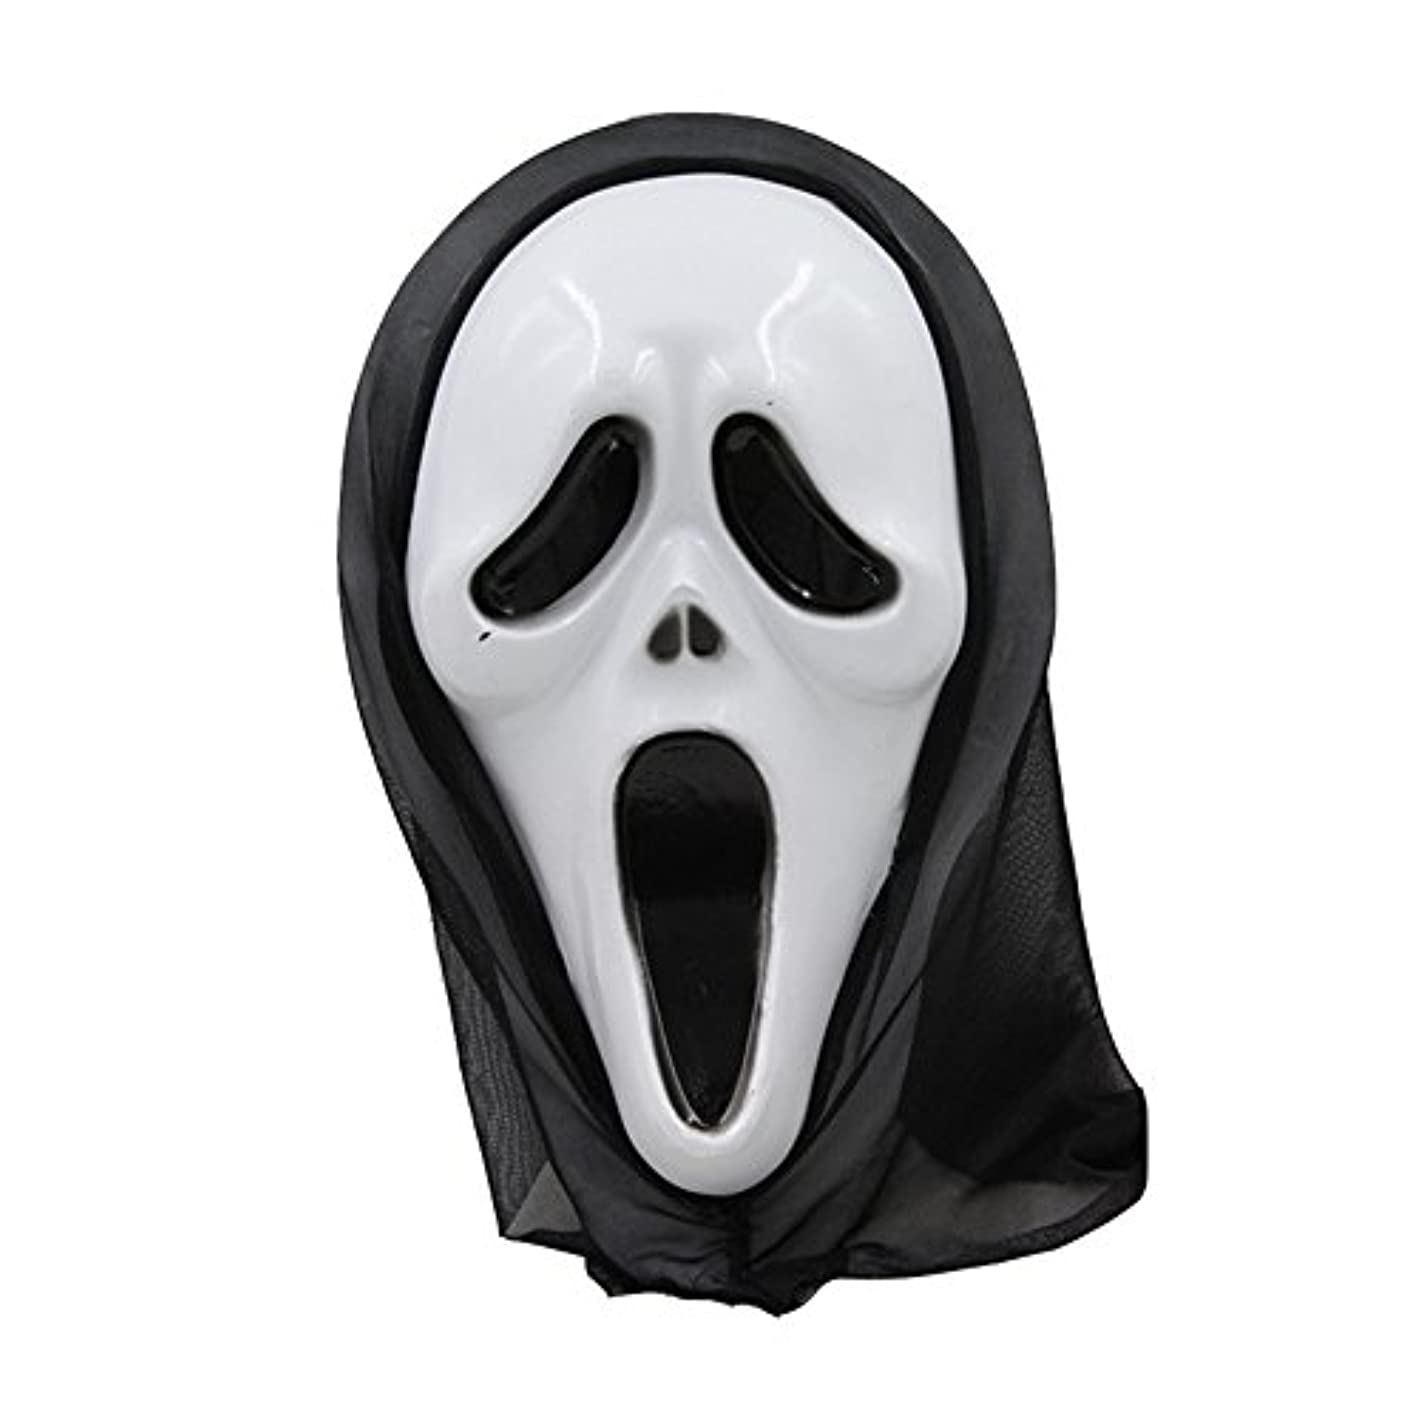 果てしない分散義務づけるハロウィーンマスク仮面舞踏会全体の小道具フェイスマスクホラー叫びマスク